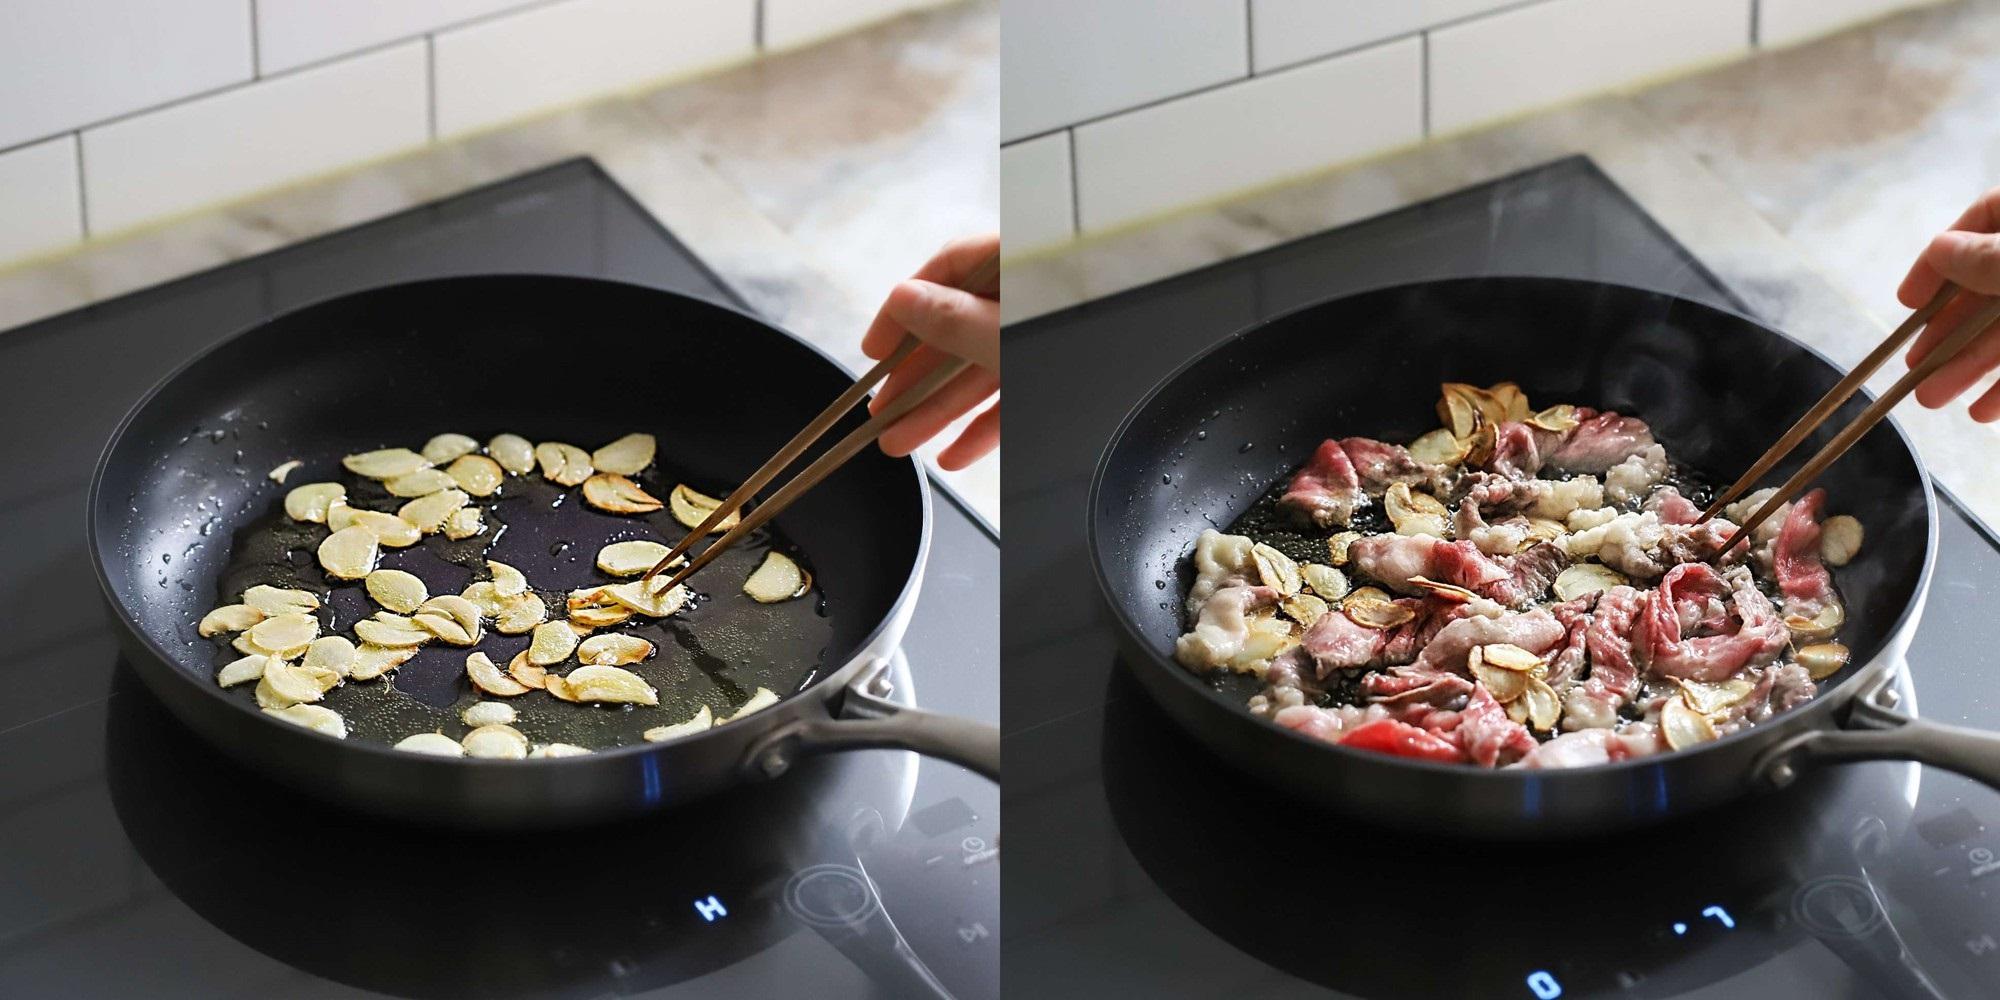 Người Hàn có cách làm mì xào bò ăn ngon lạ miệng lắm, thử một lần chồng tôi khen tấm tắc! - Ảnh 2